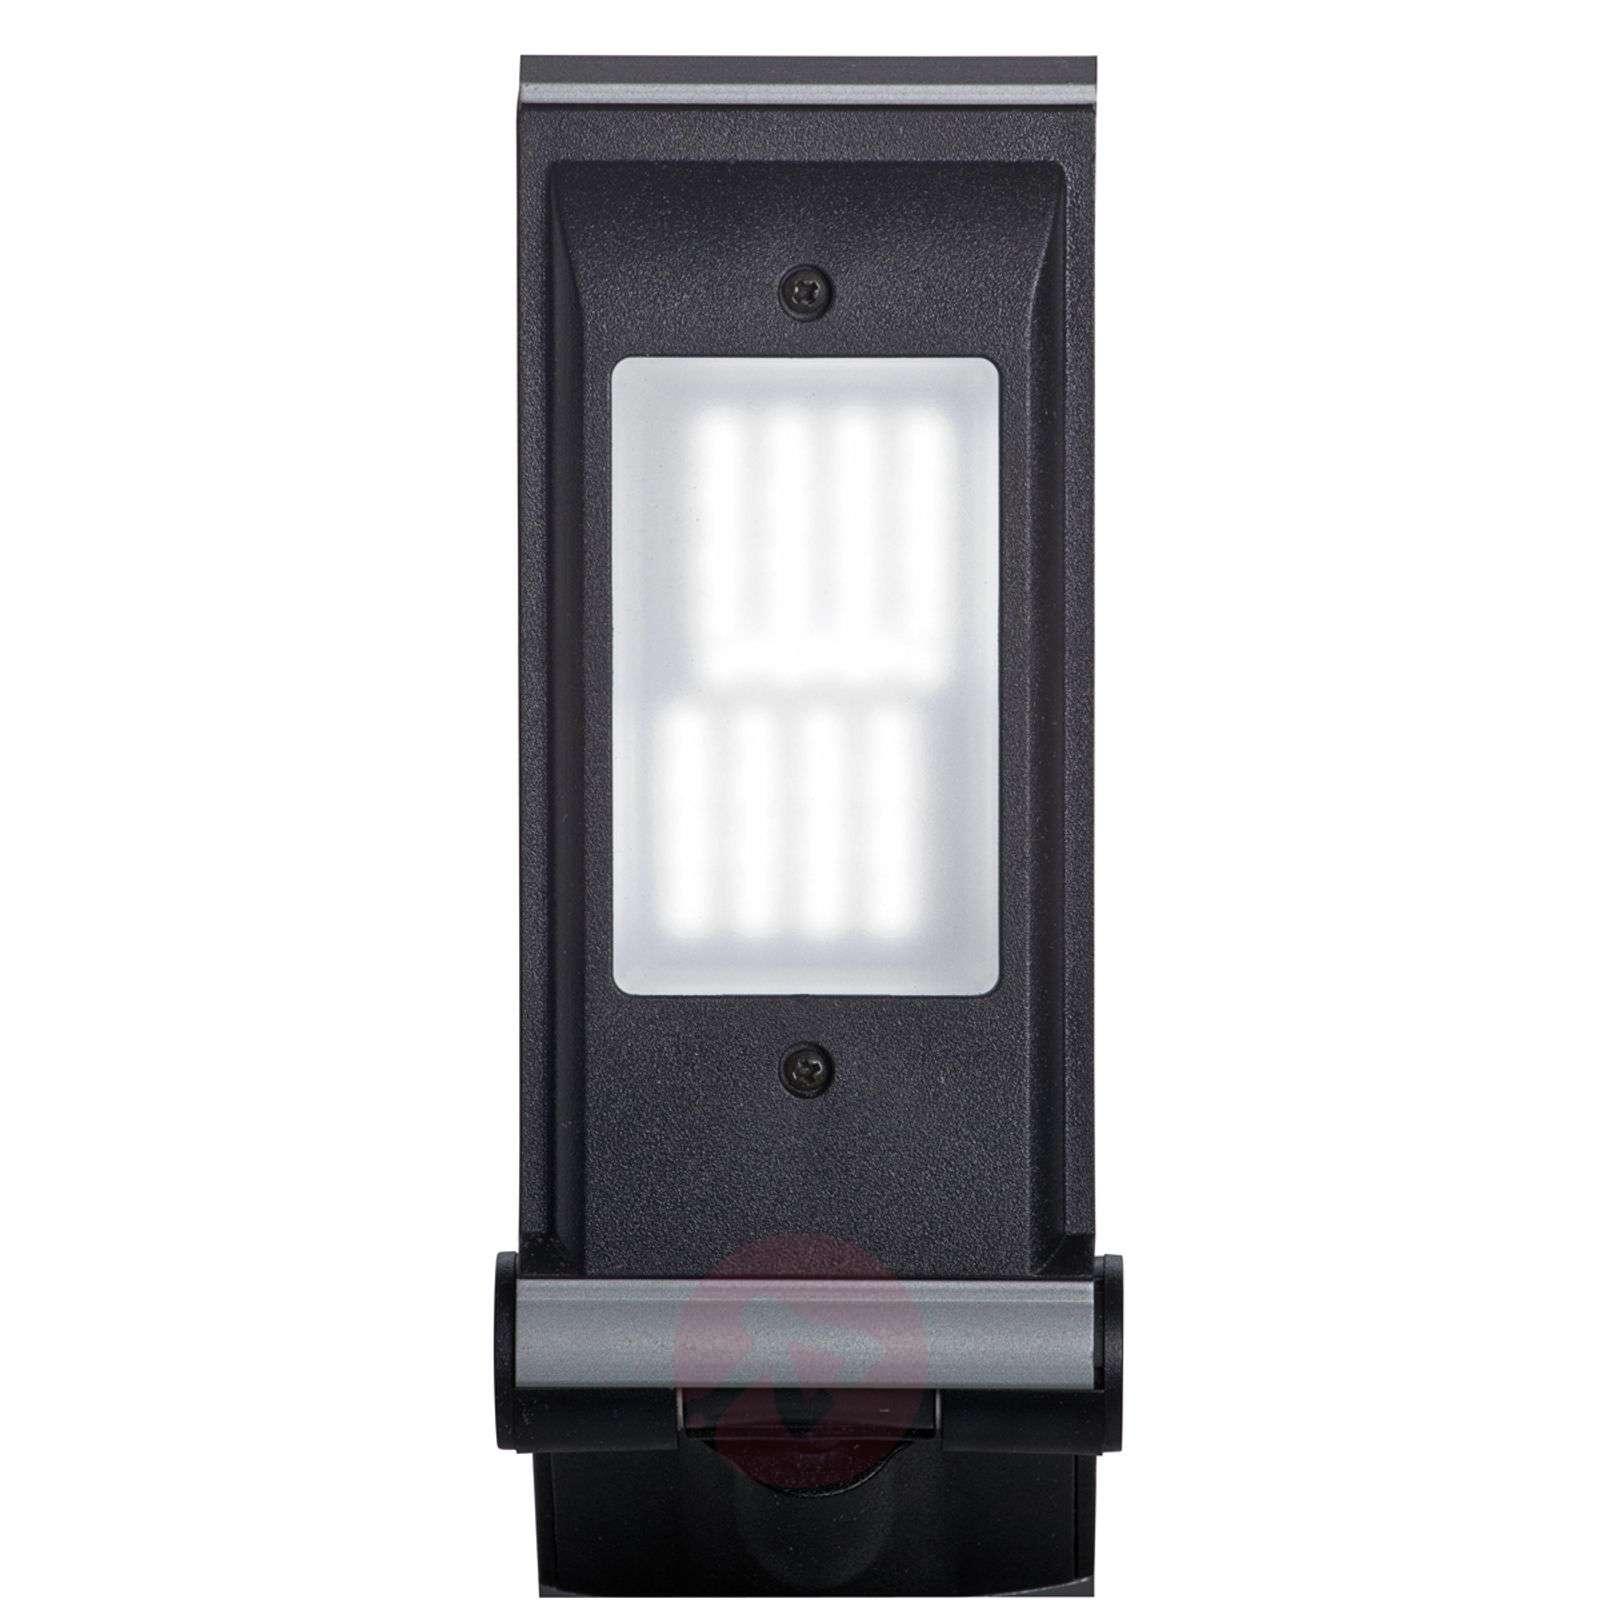 LED-työpöytävalaisin Optimus pöytäkiinnikkeellä-6509086-01